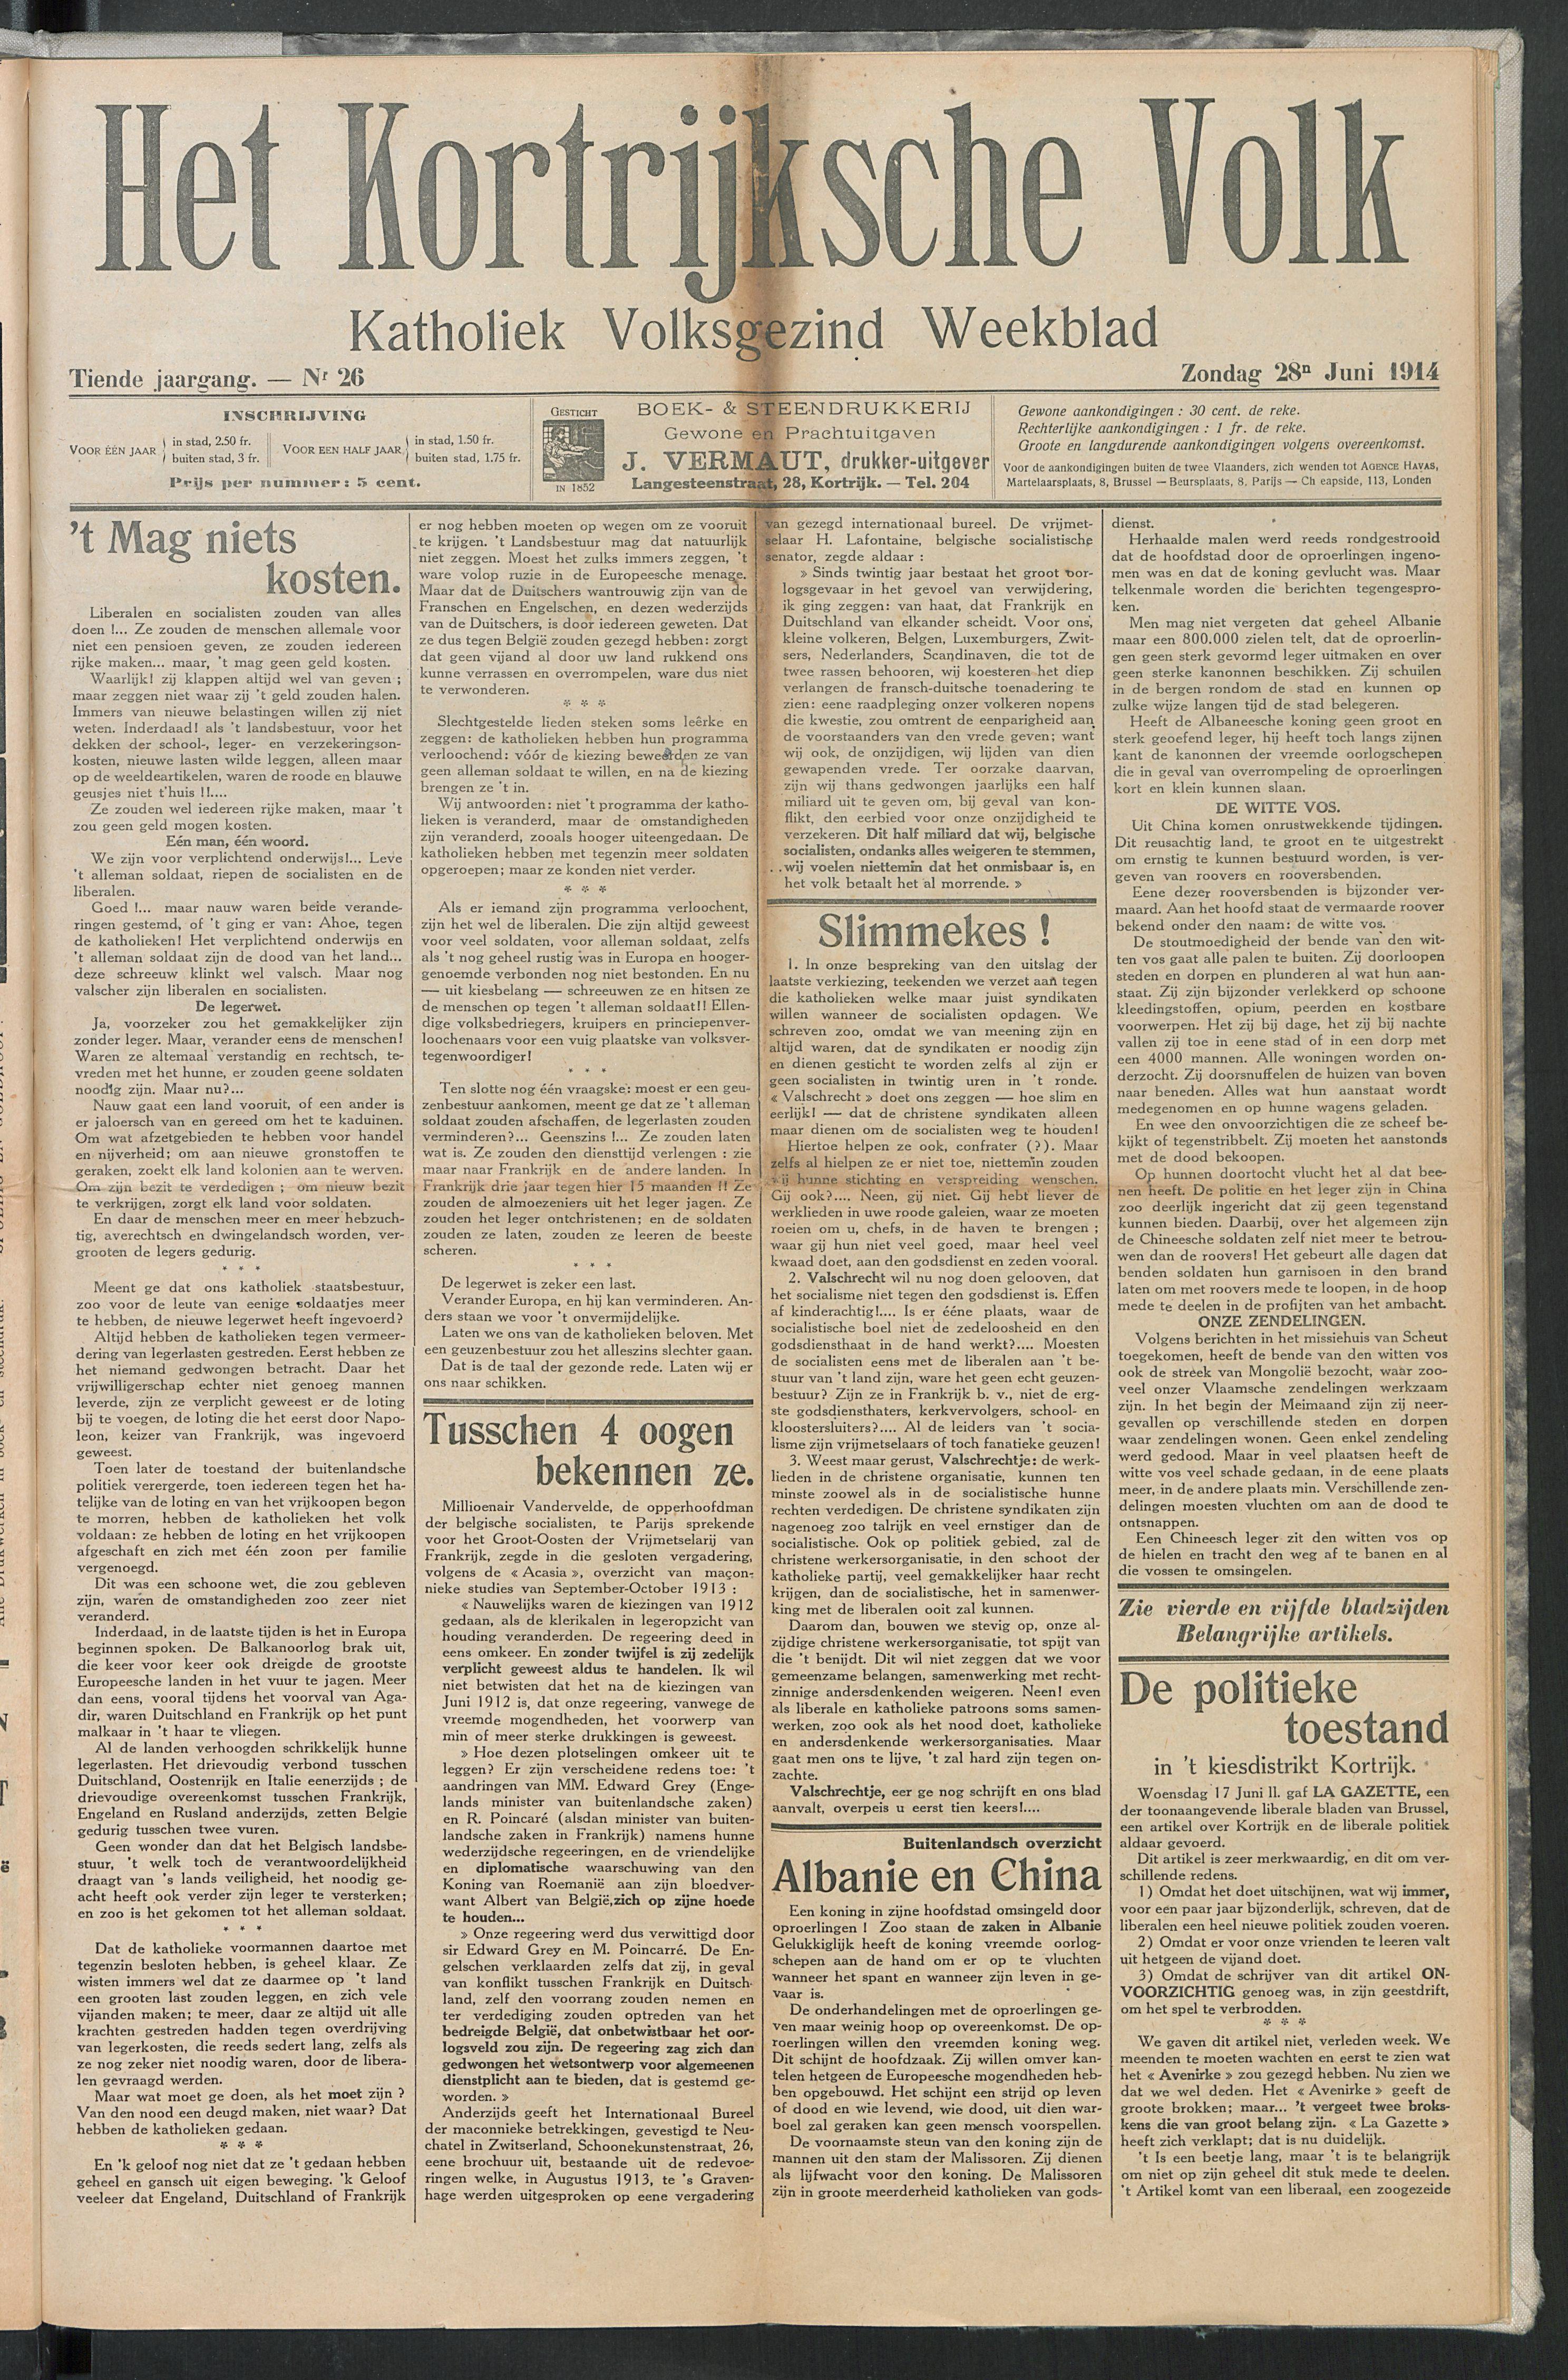 Het Kortrijksche Volk 1914-06-28 p1